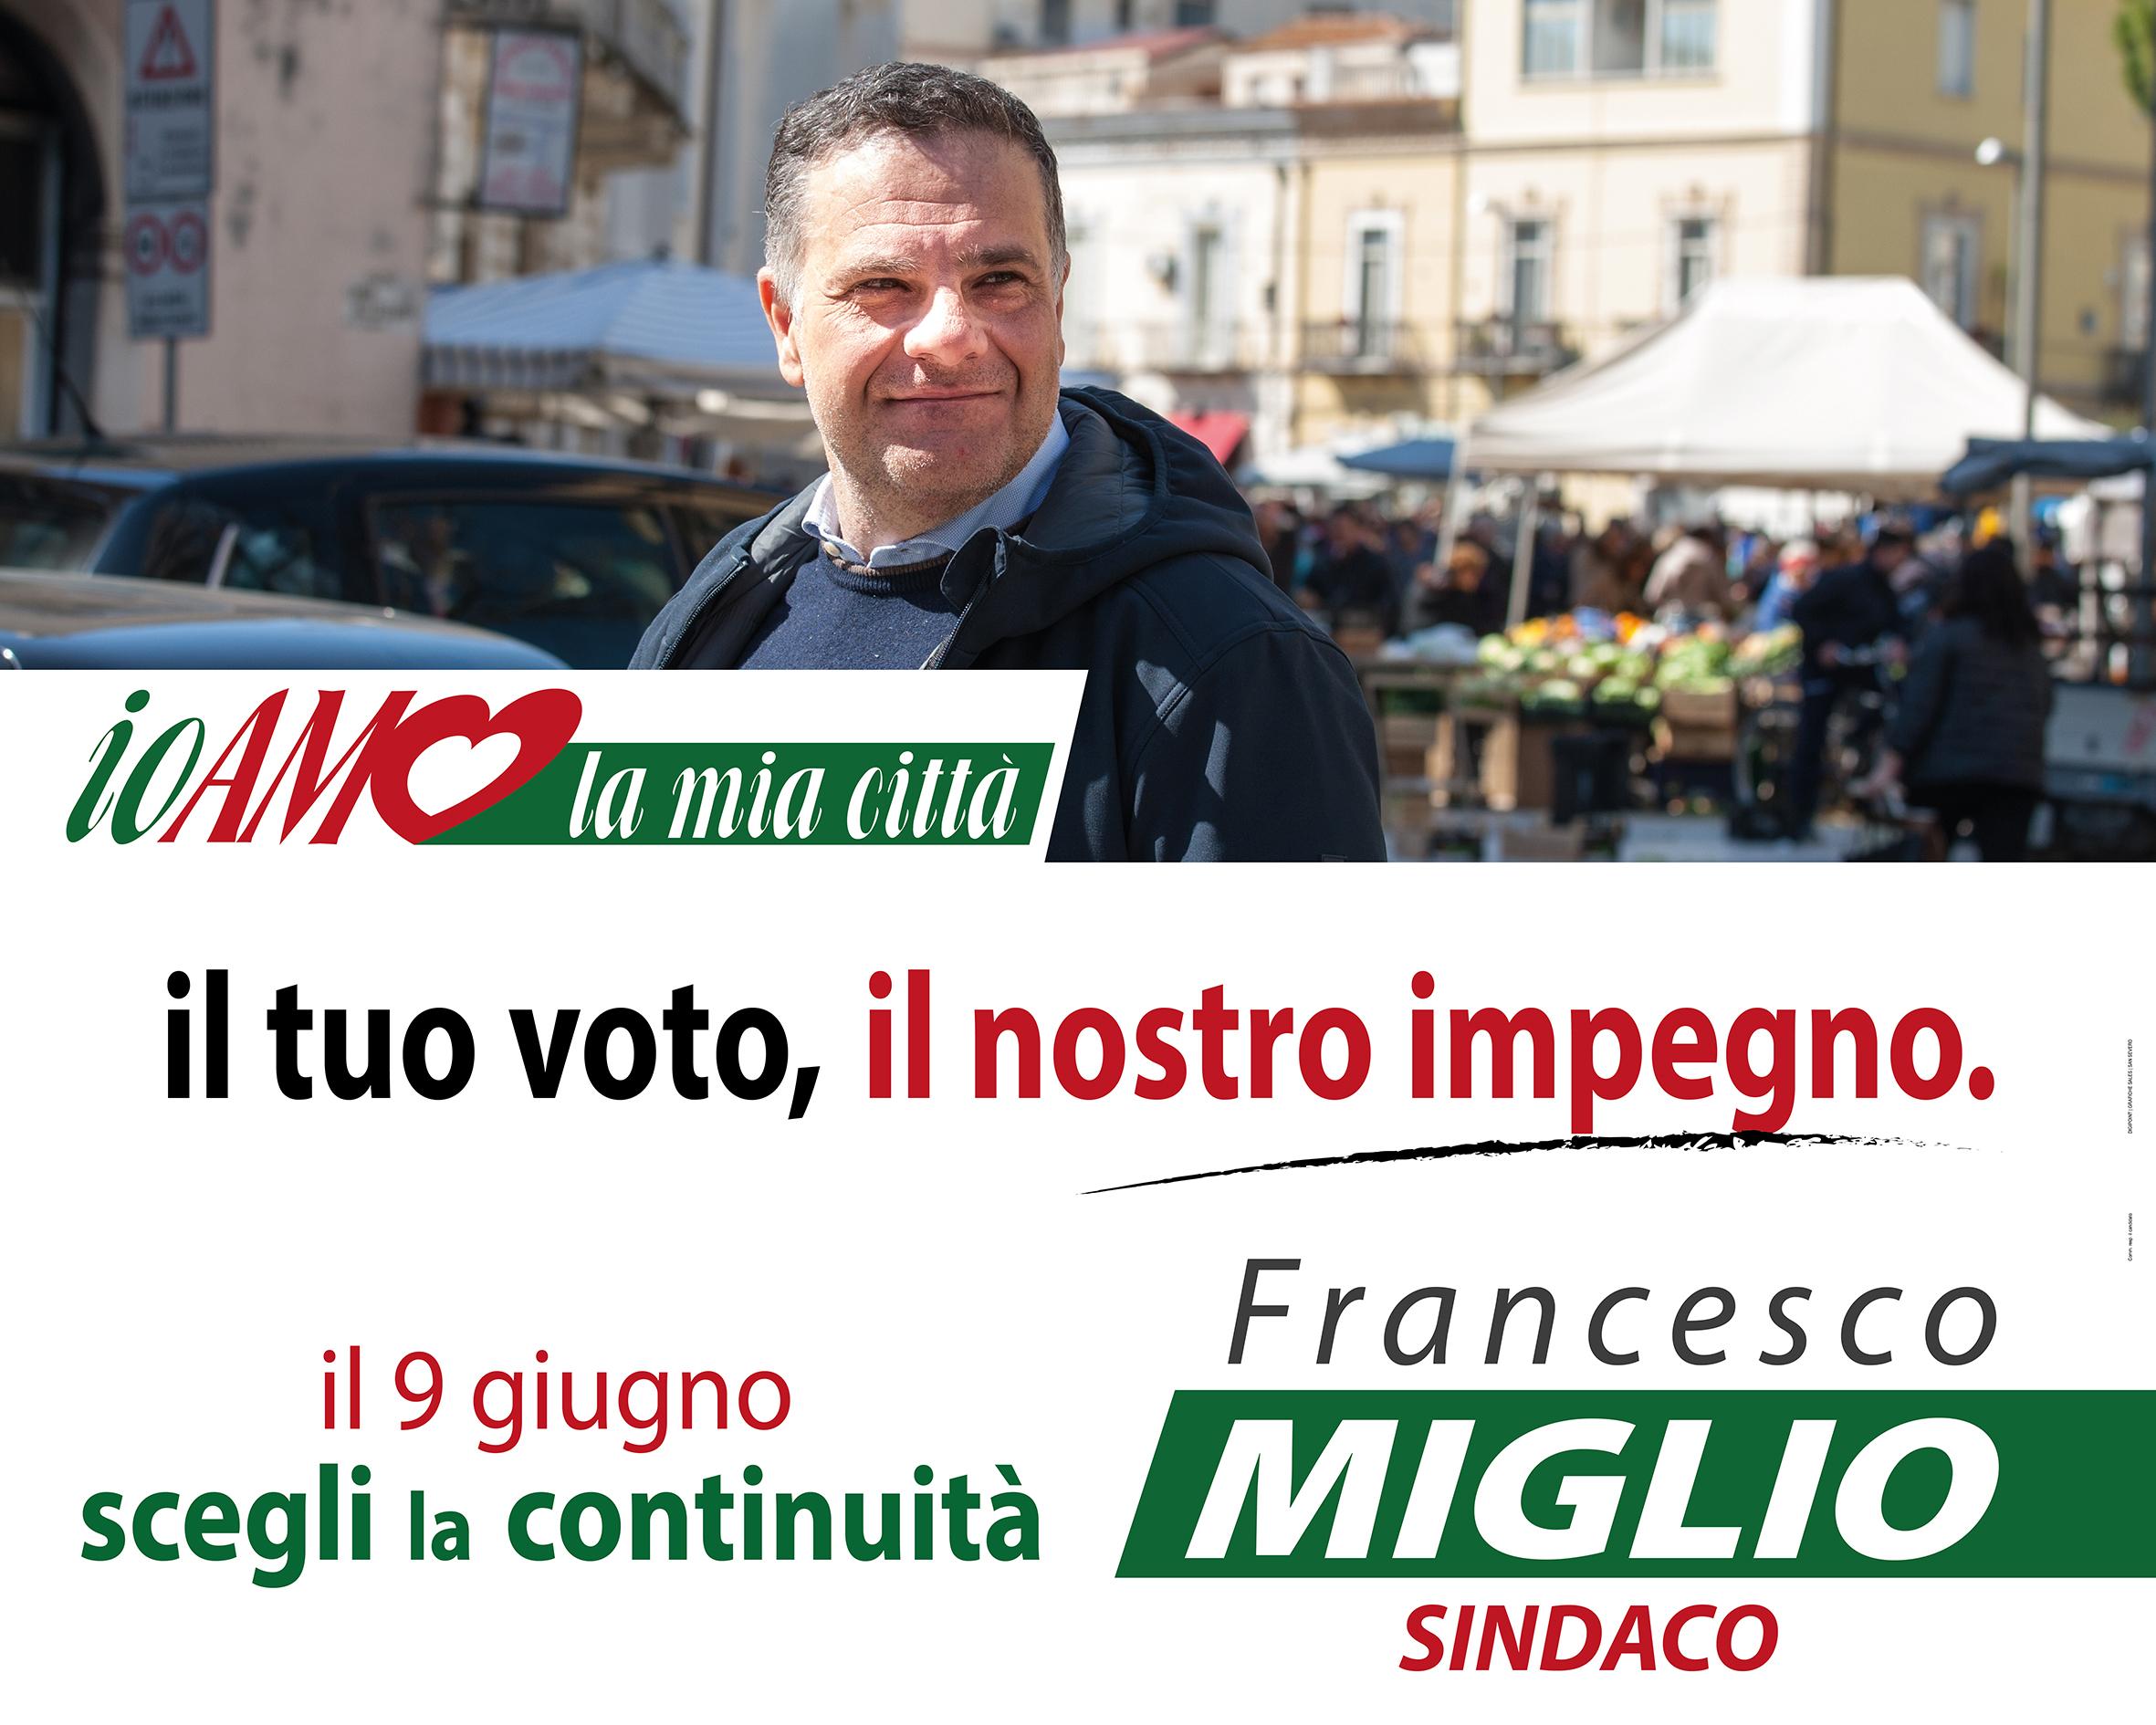 """Photo of L'appello al voto di Francesco Miglio sindaco """"io amo la mia città"""""""